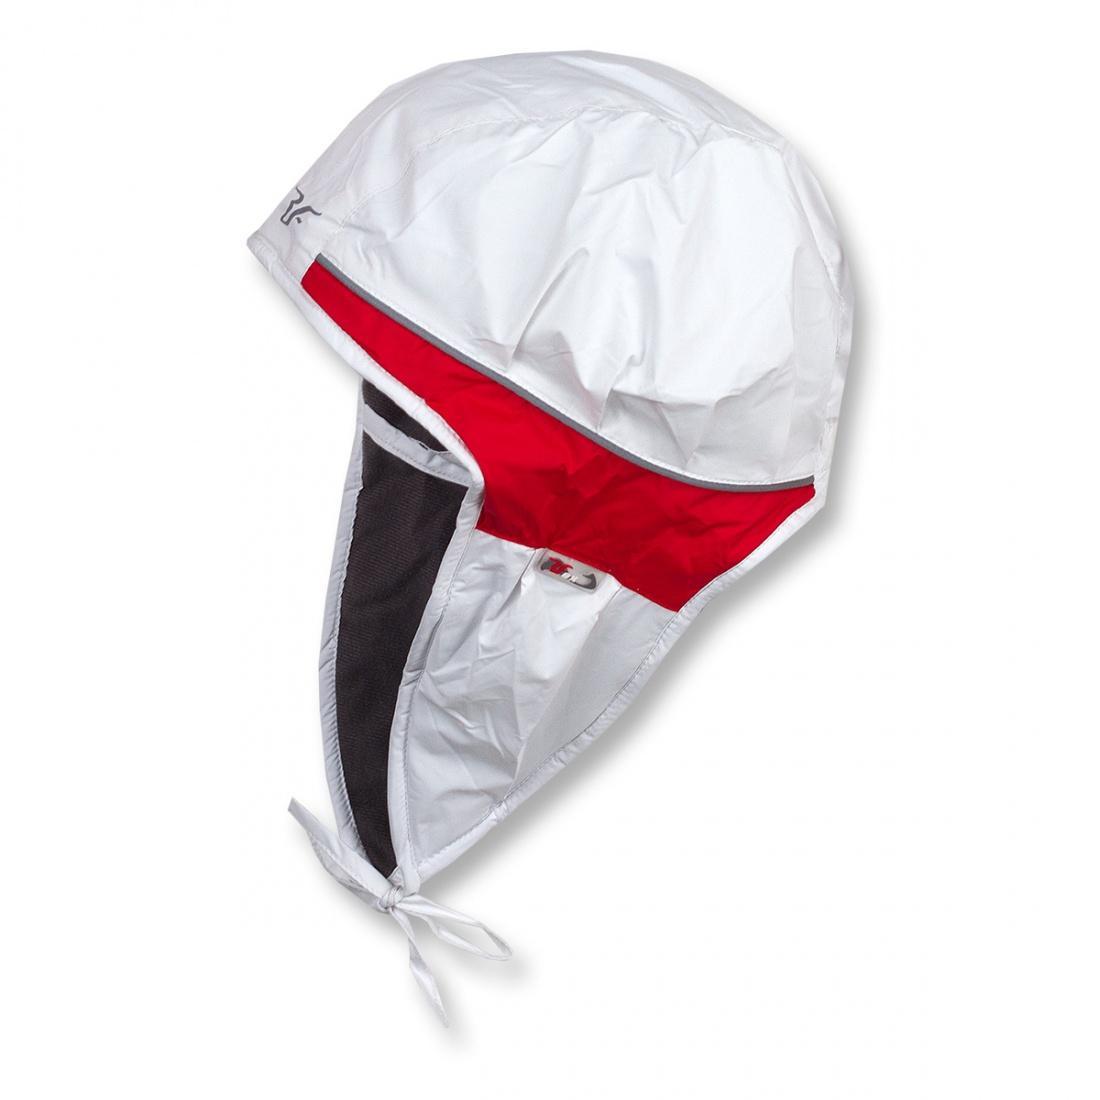 Шапка детская TressУшанки<br><br> Яркая контрастная шапочка прекрасно выделяет ребенка из толпы.<br><br> <br><br><br><br> Основной материал – Dry Factor 1000.<br><br> <br><br><br> Утеплитель – Omniterm Classic.<br><br> <br><br><br> Для детей от 1 до...<br><br>Цвет: Красный<br>Размер: L